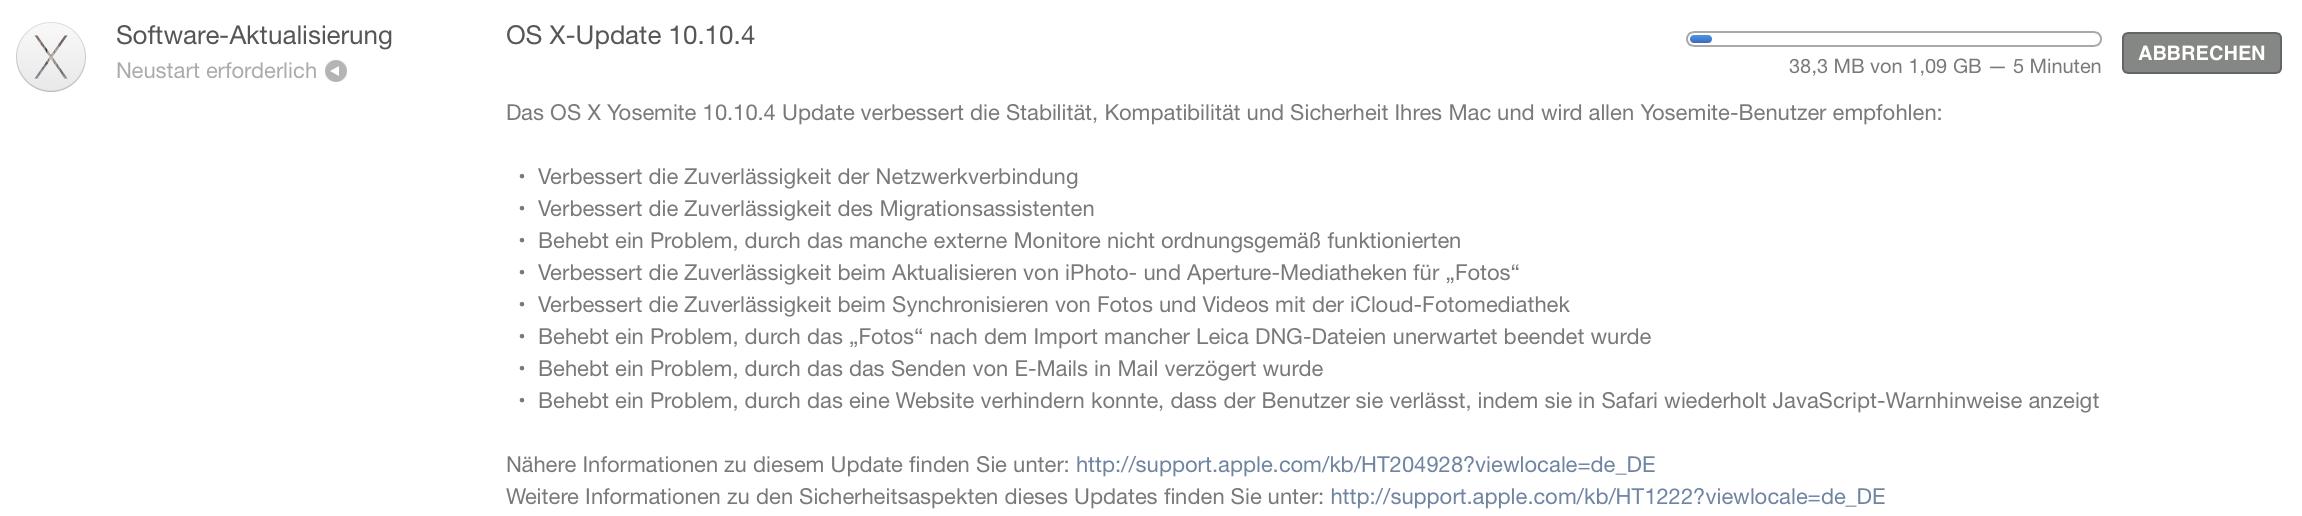 macOS Update Topic-bildschirmfoto-2015-06-30-um-17.19.30.png